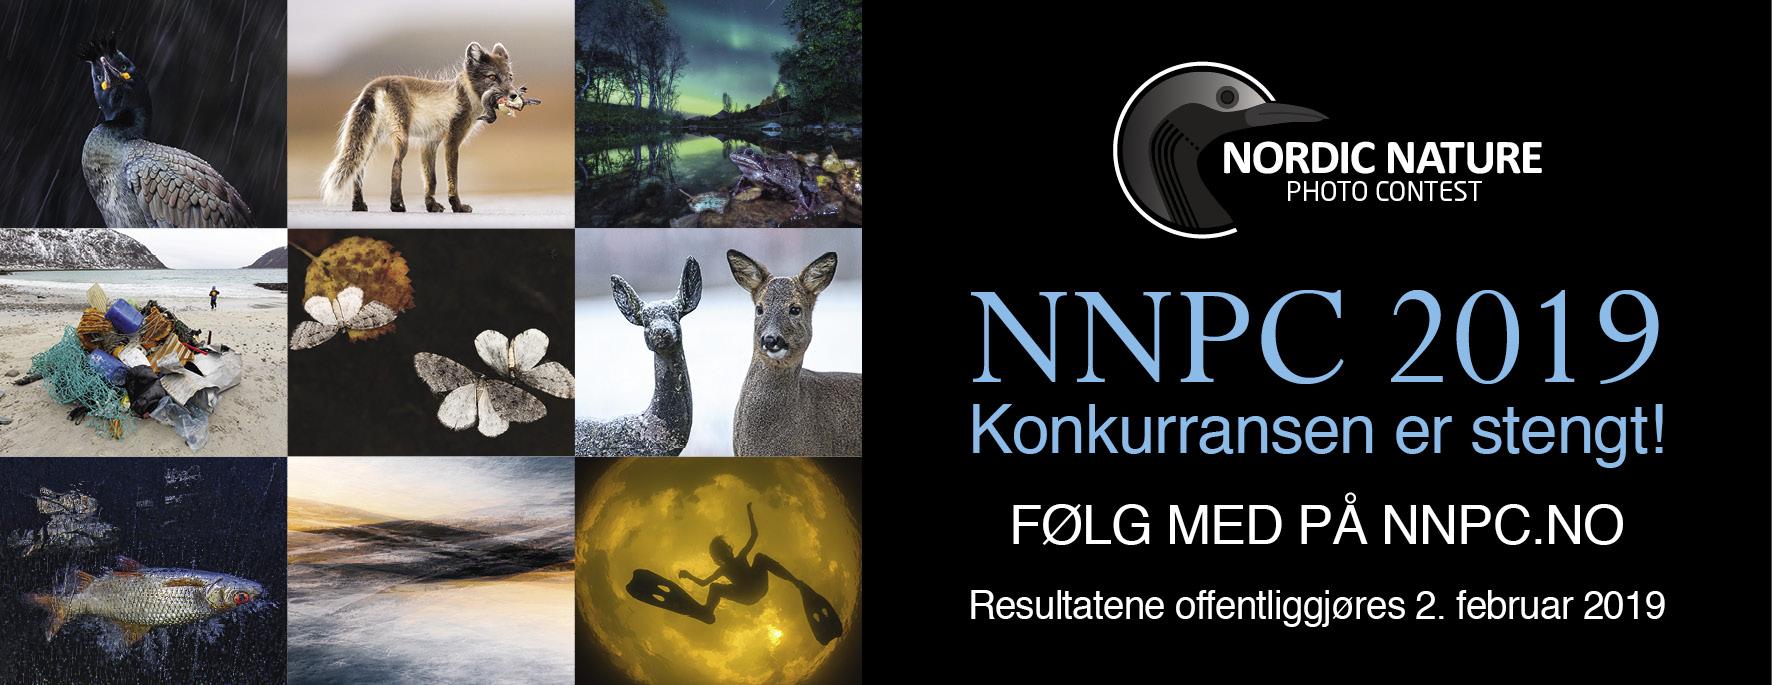 NNPC 2019 - stengt